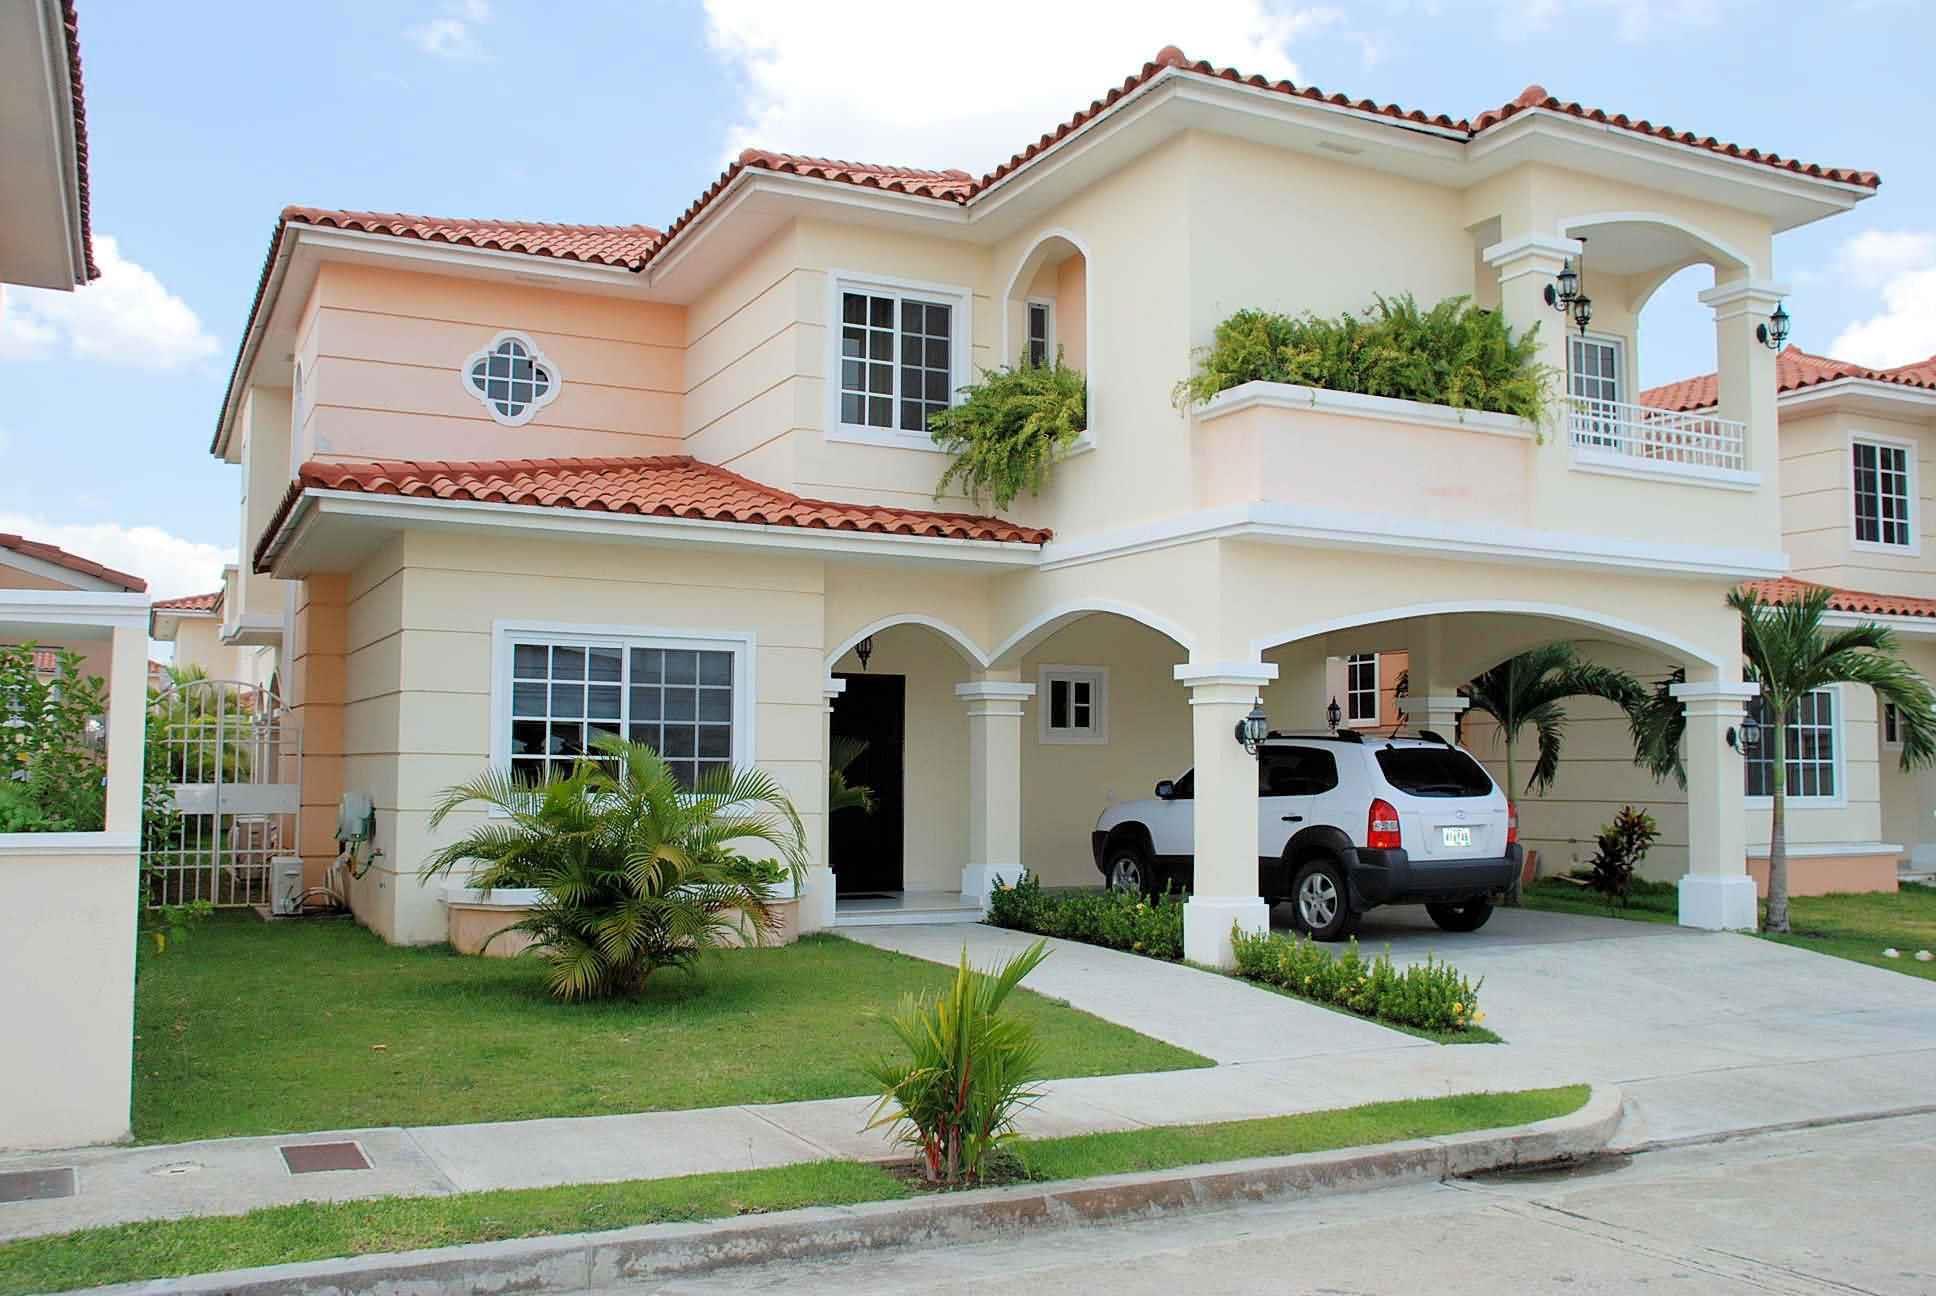 Costa sur panama casas en panama for Casa de dos plantas en honduras